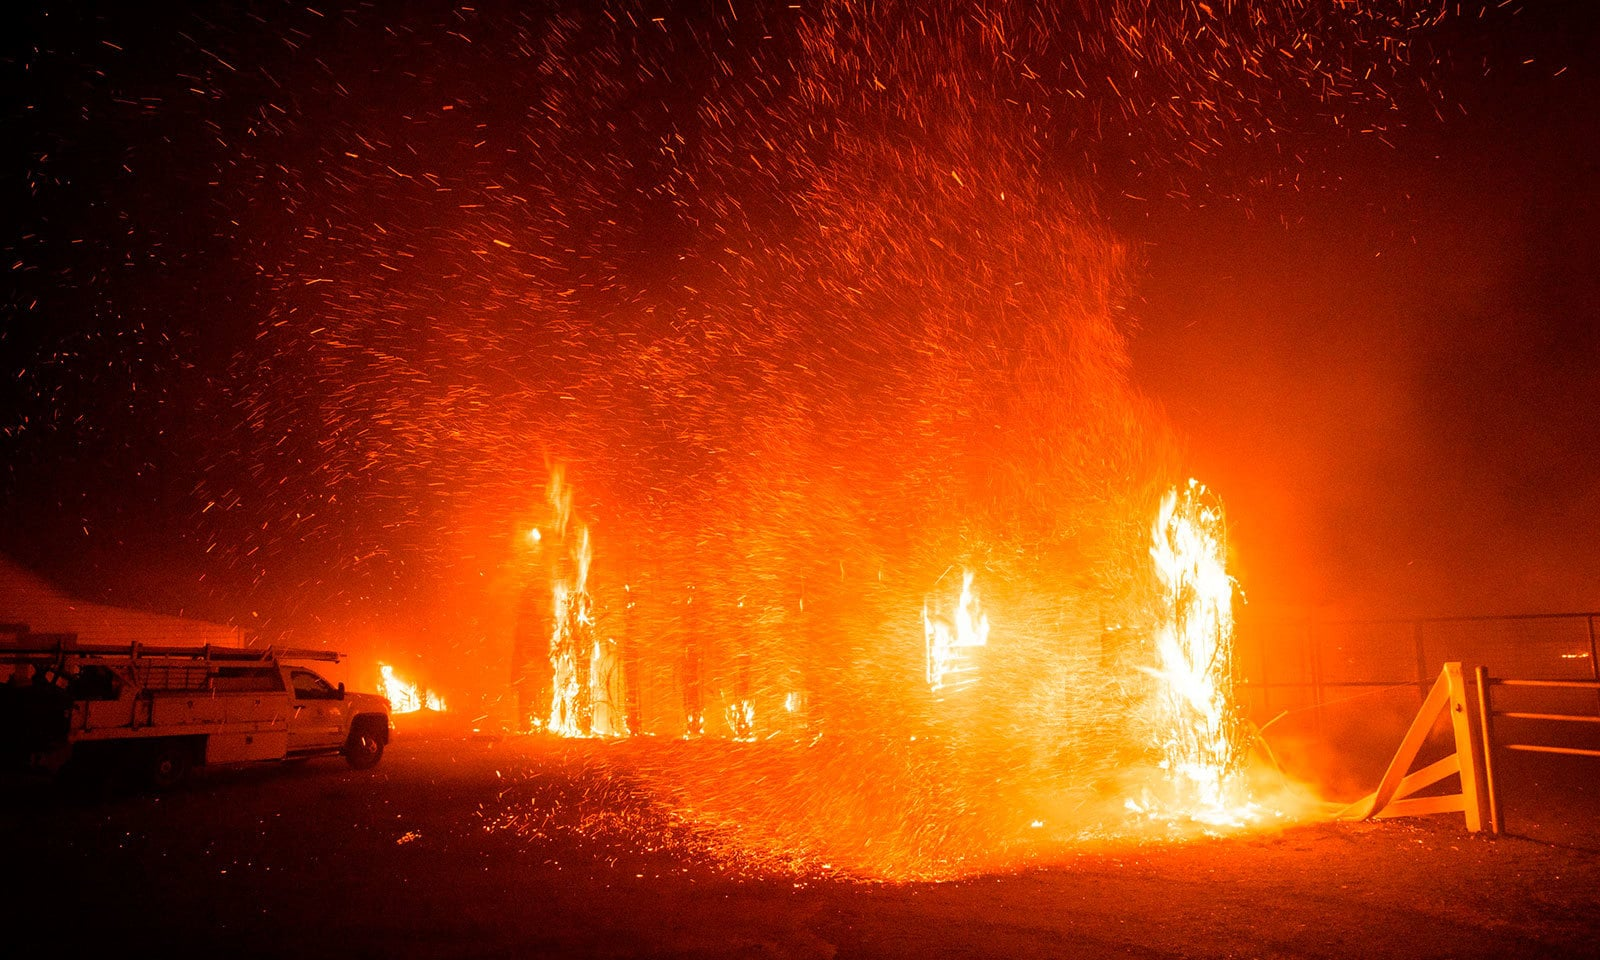 آگ سے نجی املاک بھی جل کر راکھ بن گئیں—فوٹو:اے ایف پی